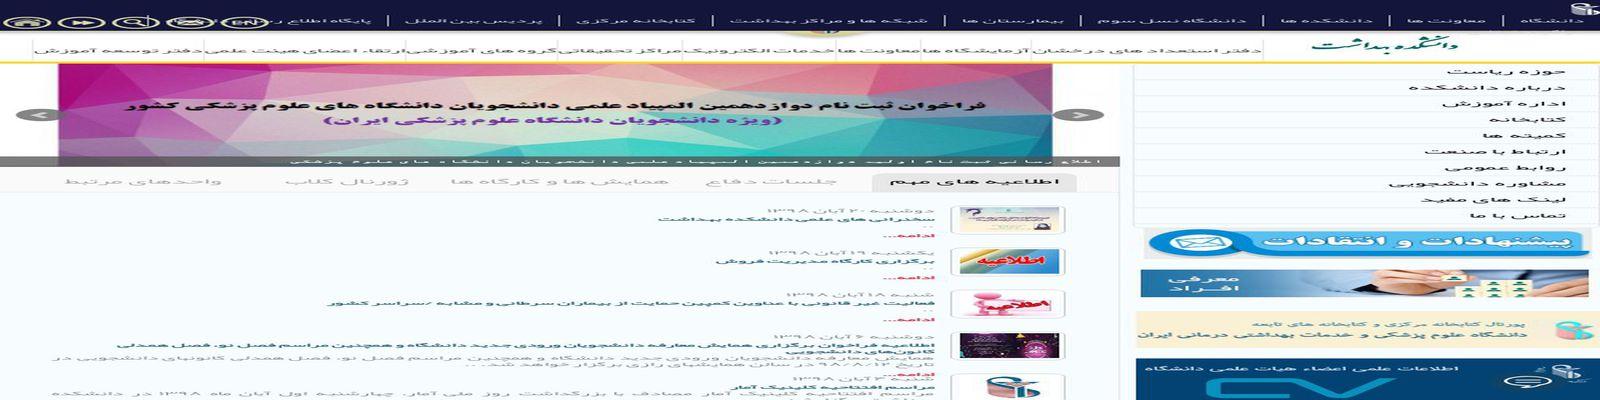 پارک علم و فناوری دانشگاه علوم پزشکی و خدمات بهداشتی و درمانی ایران